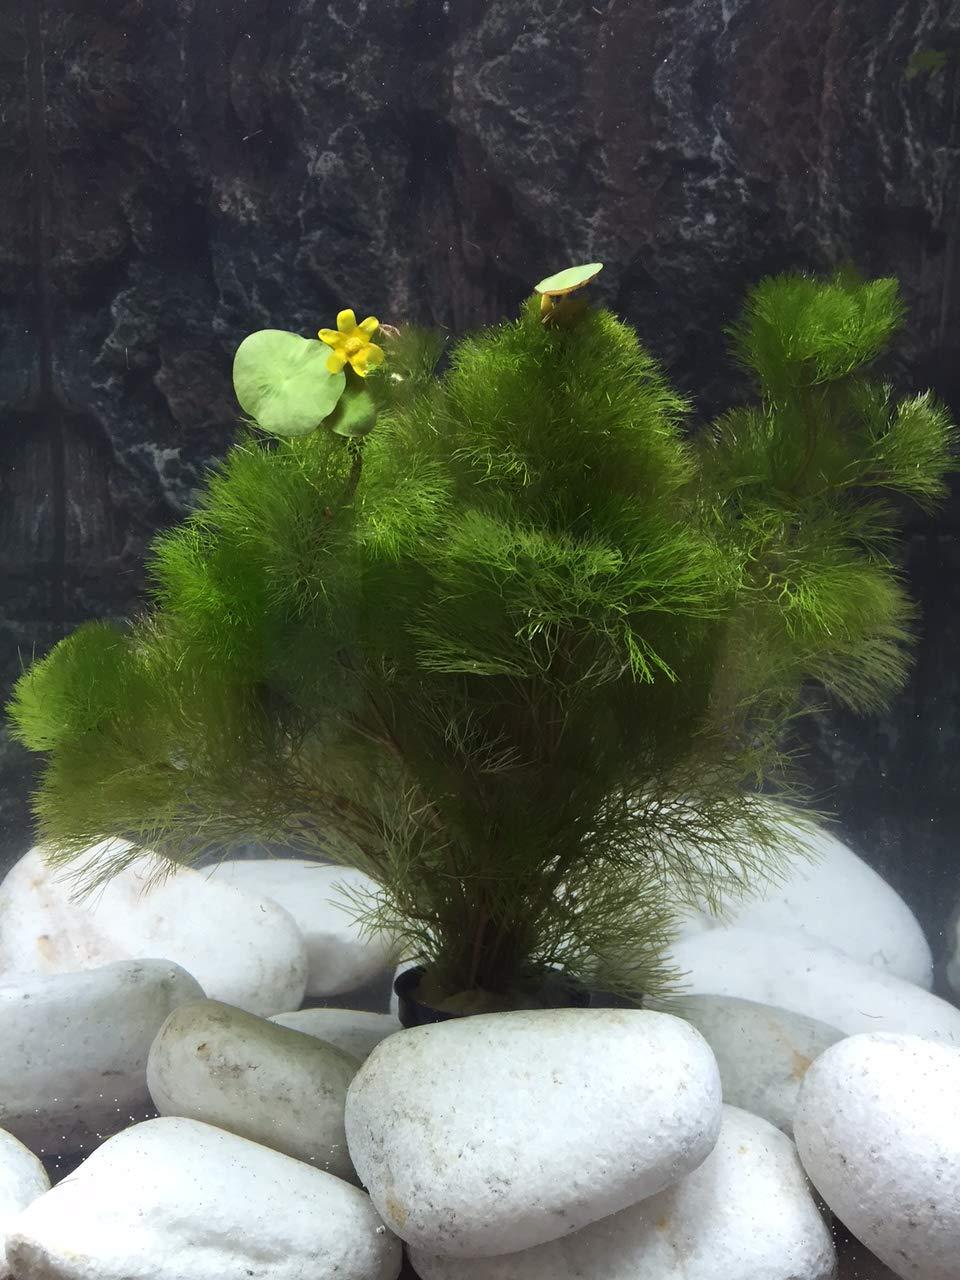 10 Plantas acuáticas Oxigenantes para acuario agua dulce. Cabomba, Elodea, Ambulia, Cola de zorro, Miriophillum.: Amazon.es: Jardín